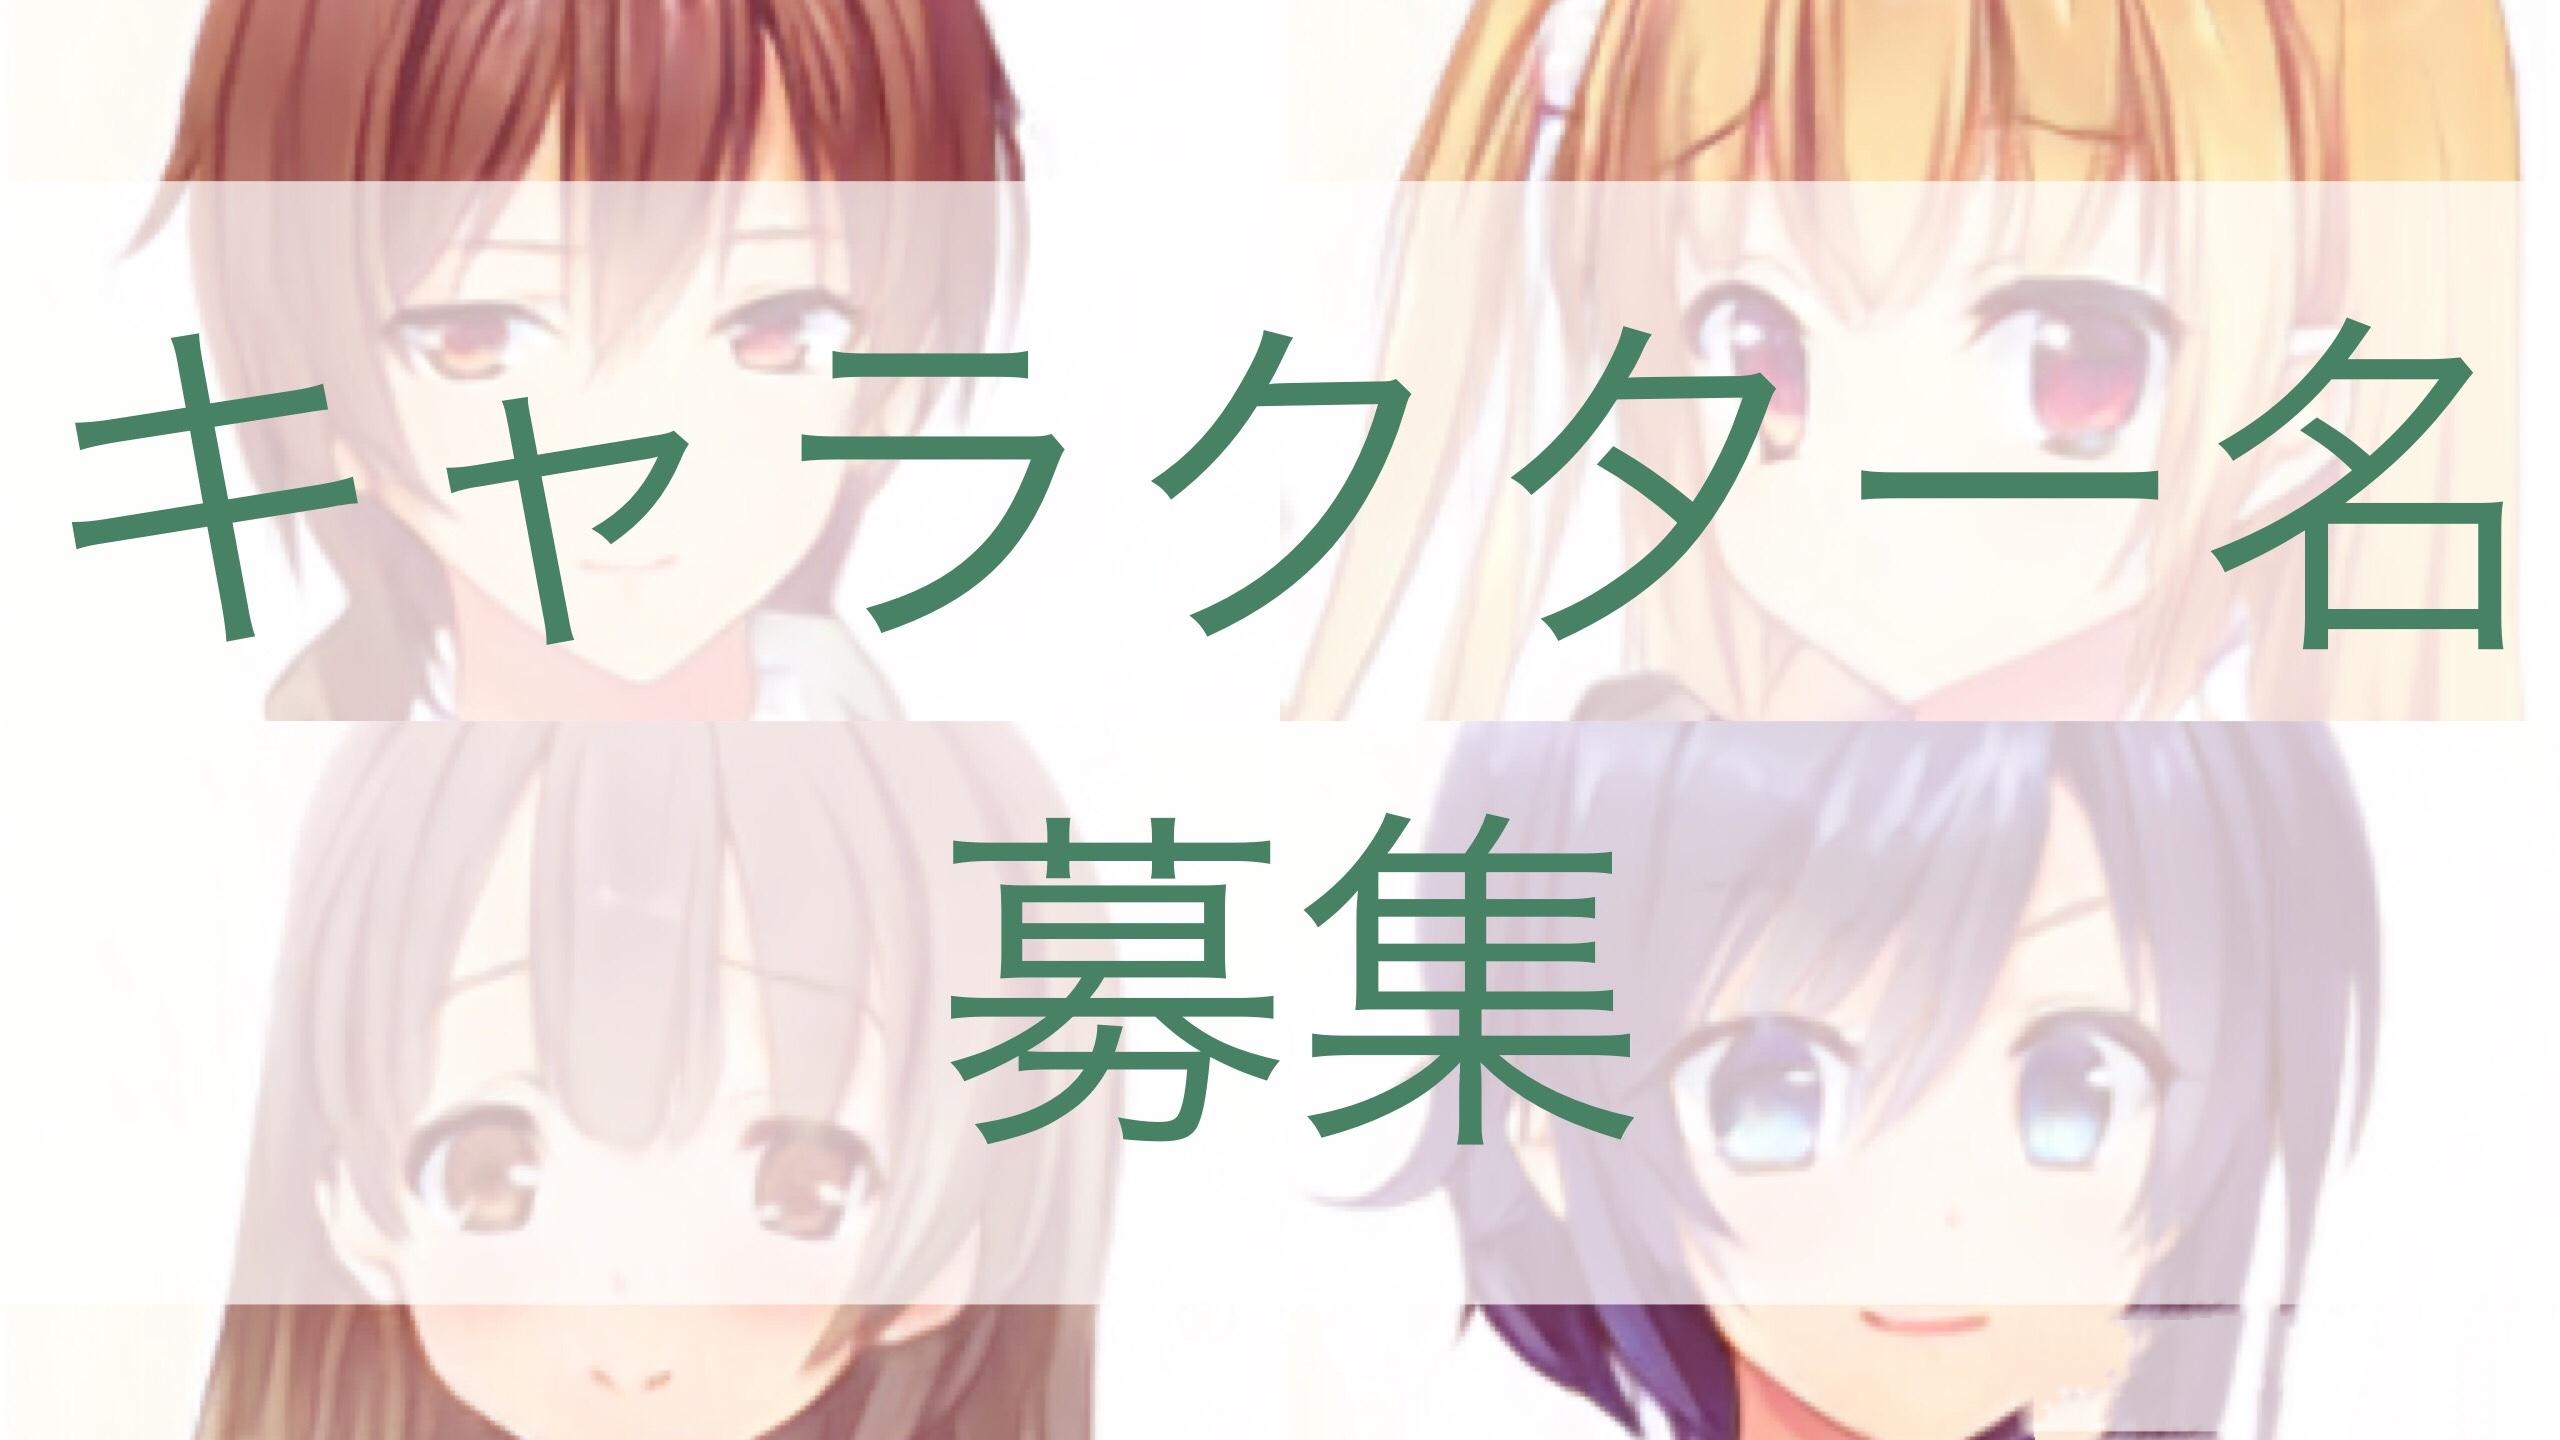 【募集】ブログで使うキャラクター名を募集!!!